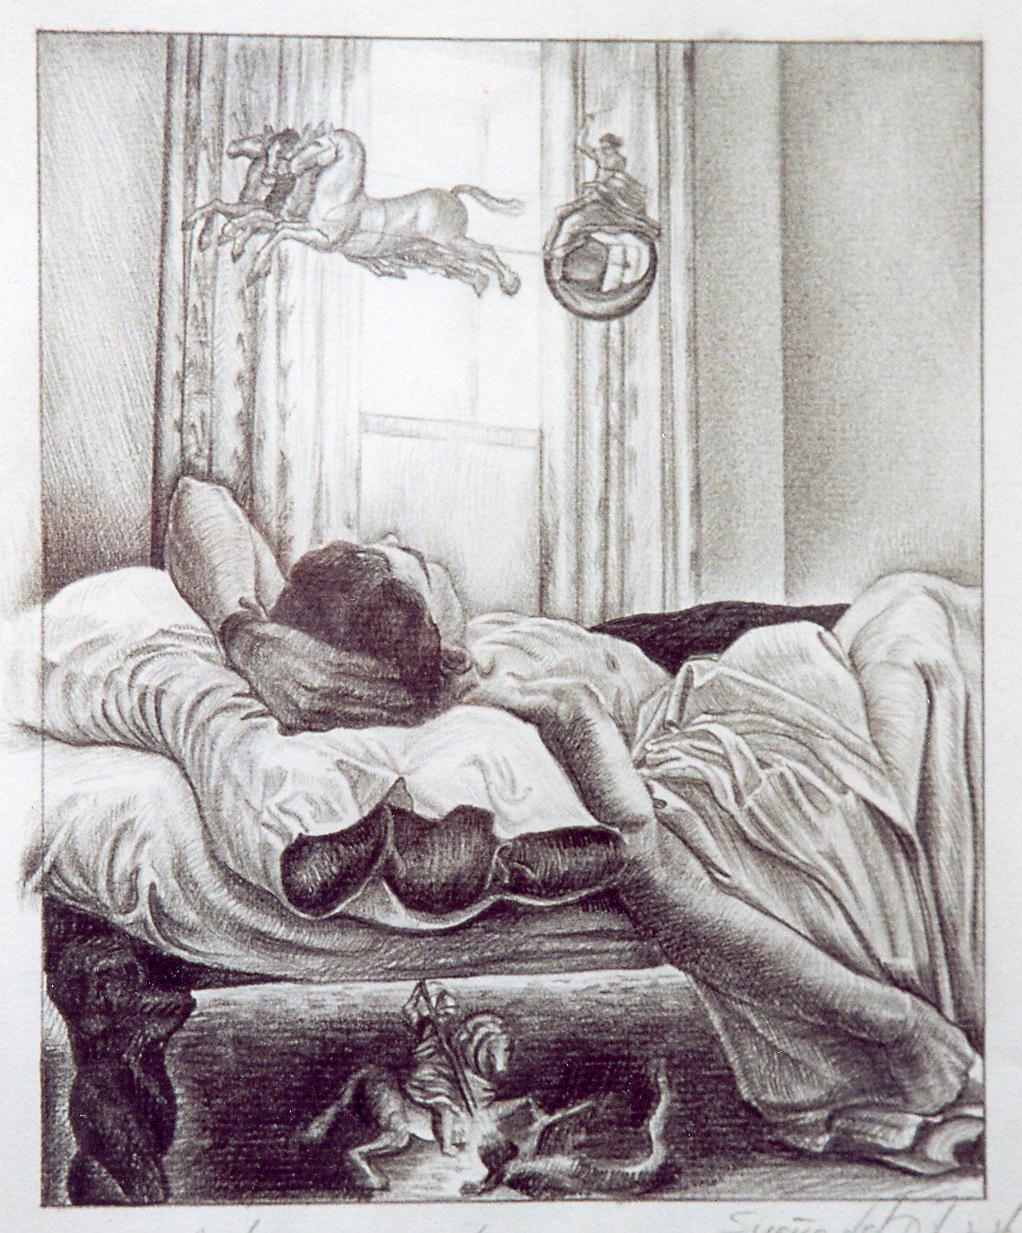 Apolo de paseo por la habitación mientras san jorge mata al dragón debajo de mi cama, lápiz sobre papel.